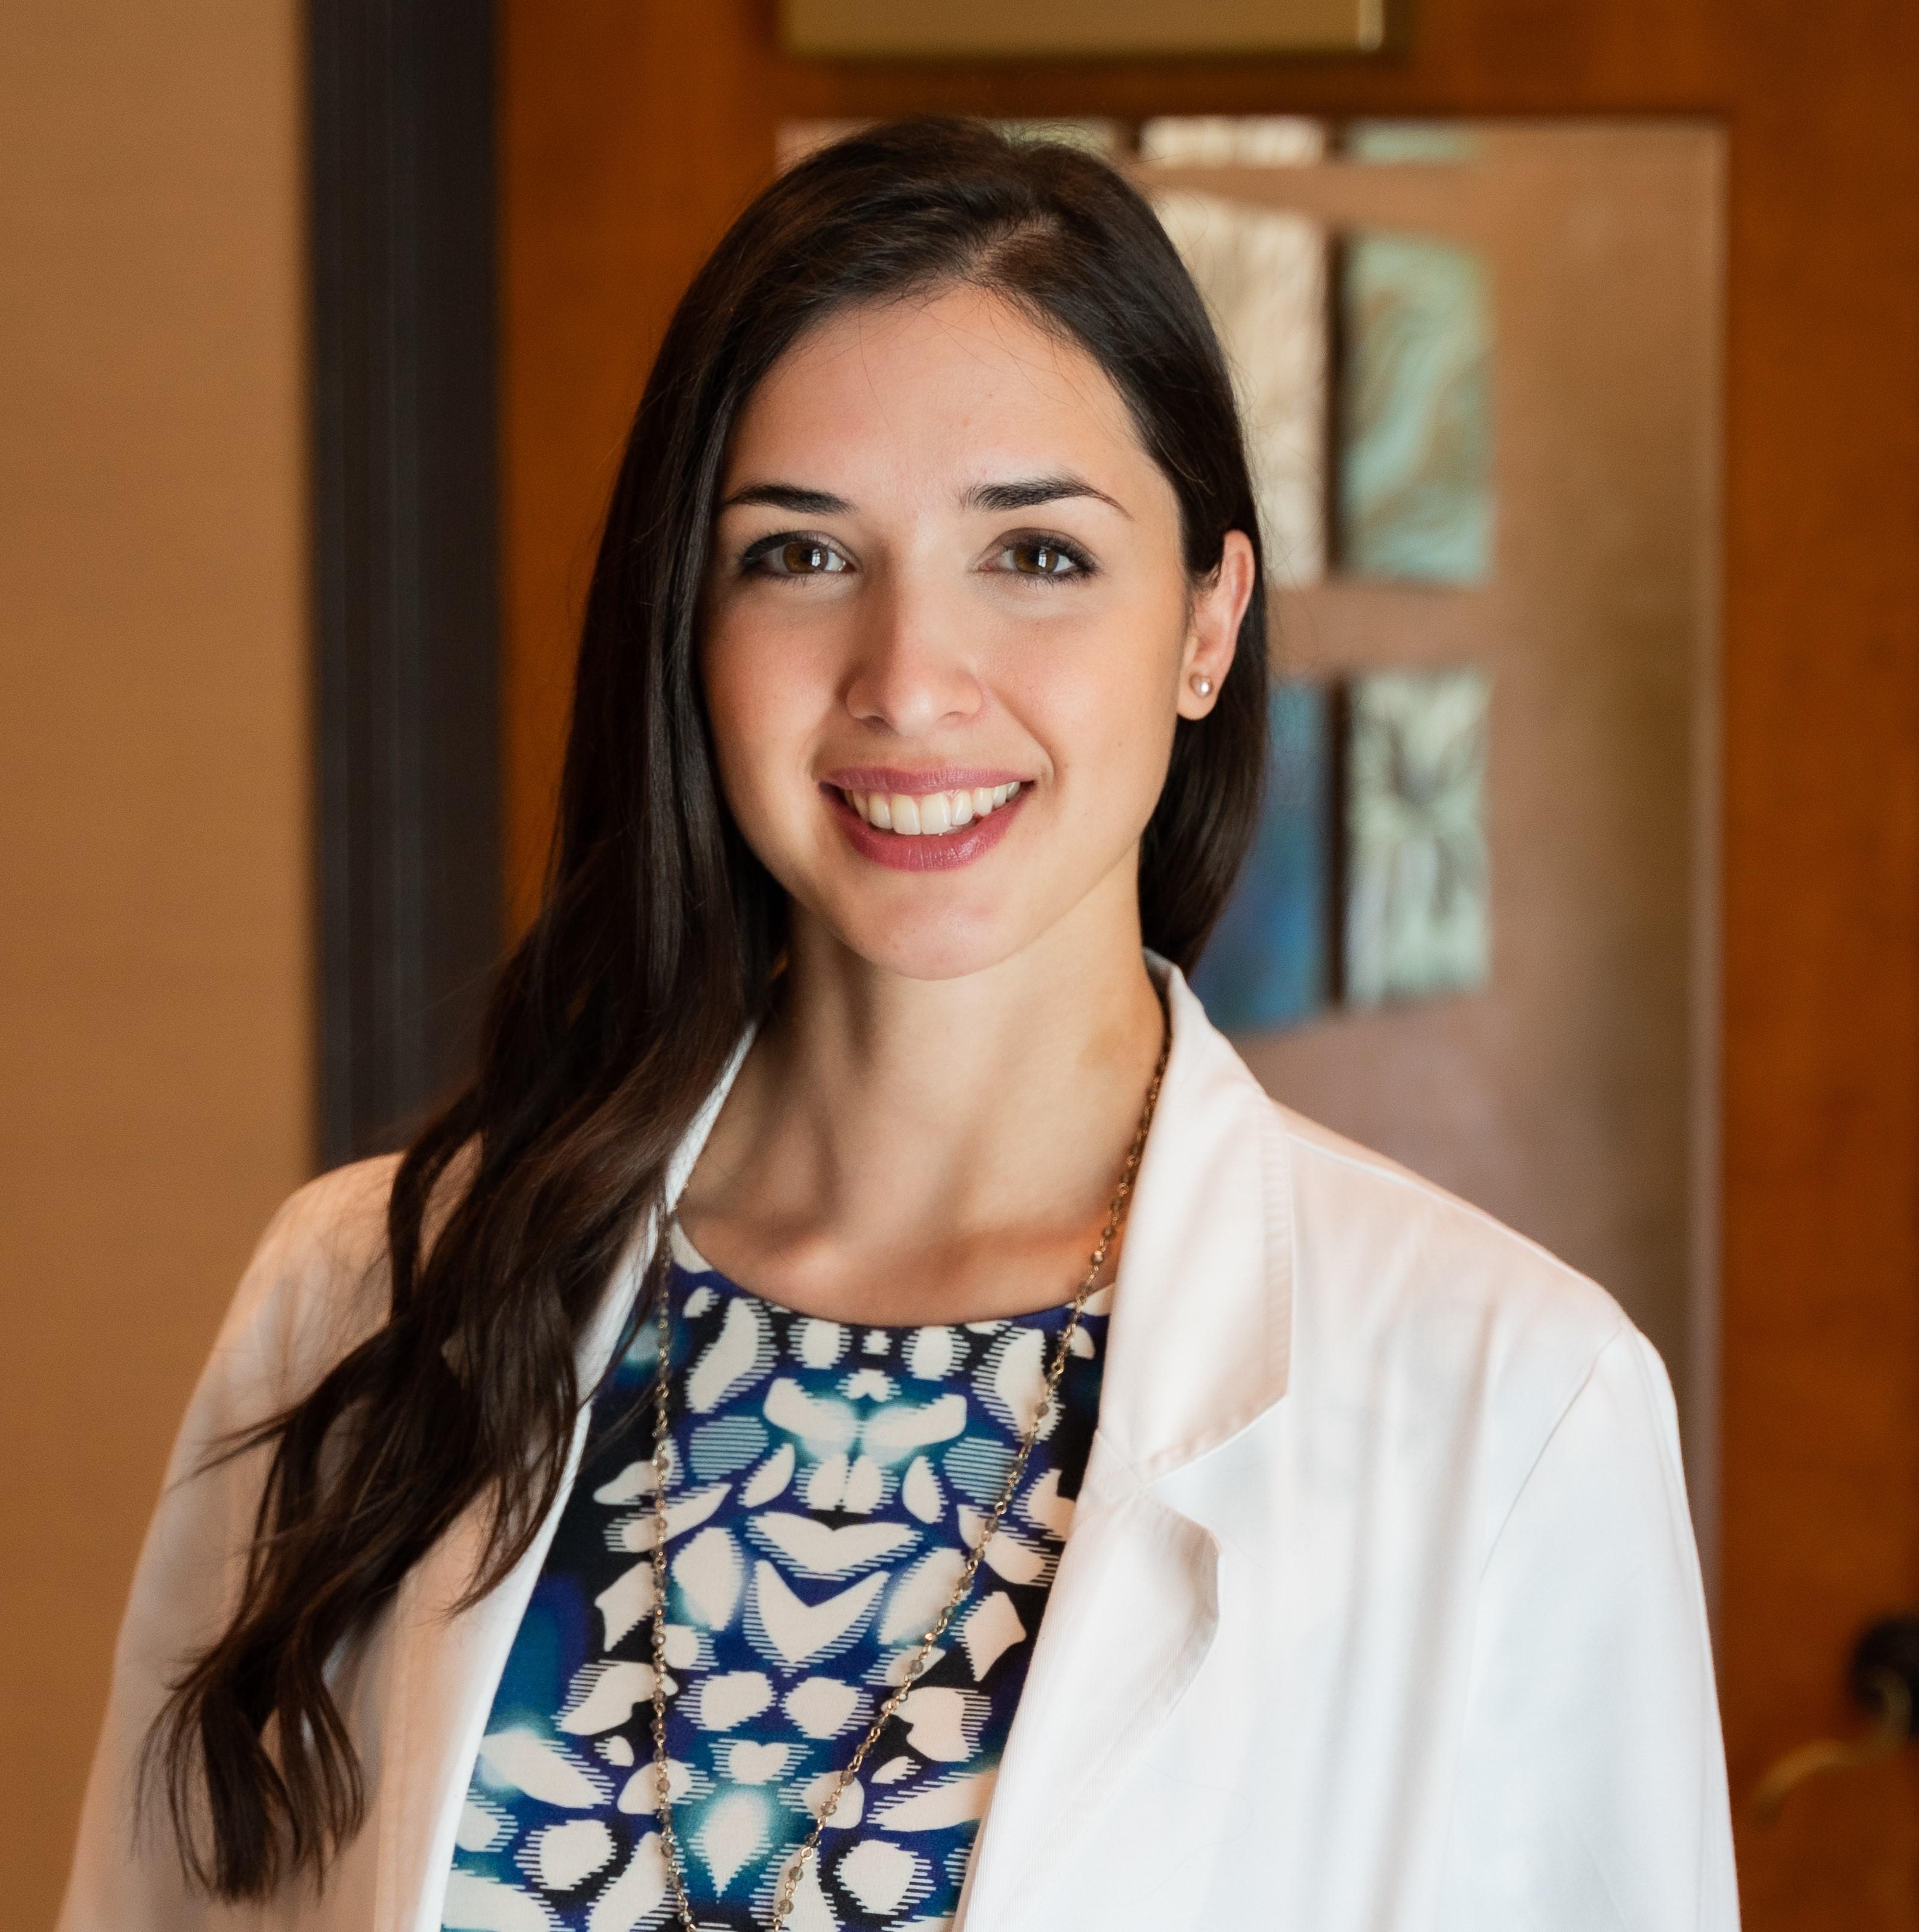 Dr. Deniz Gerecci, MD